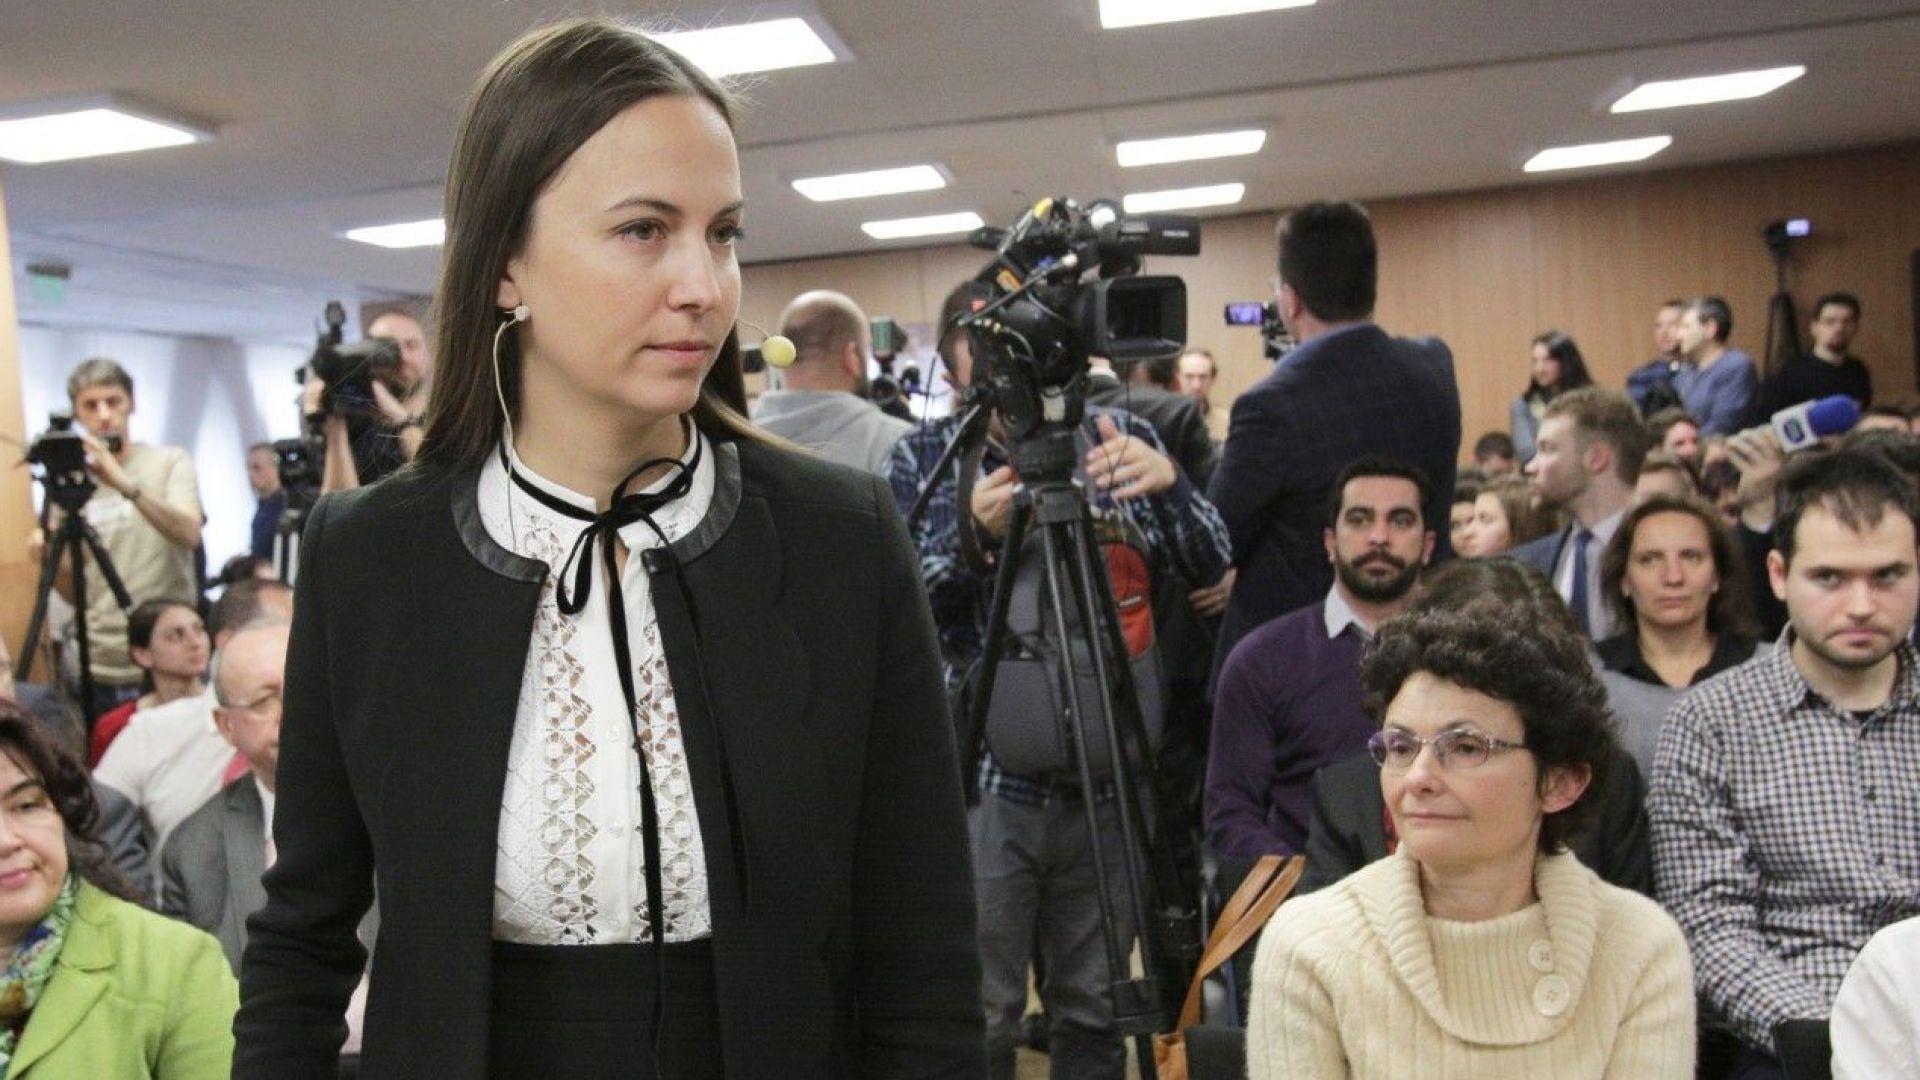 Плашат хората с митове и лъжи за еврото, предупреди евродепутат